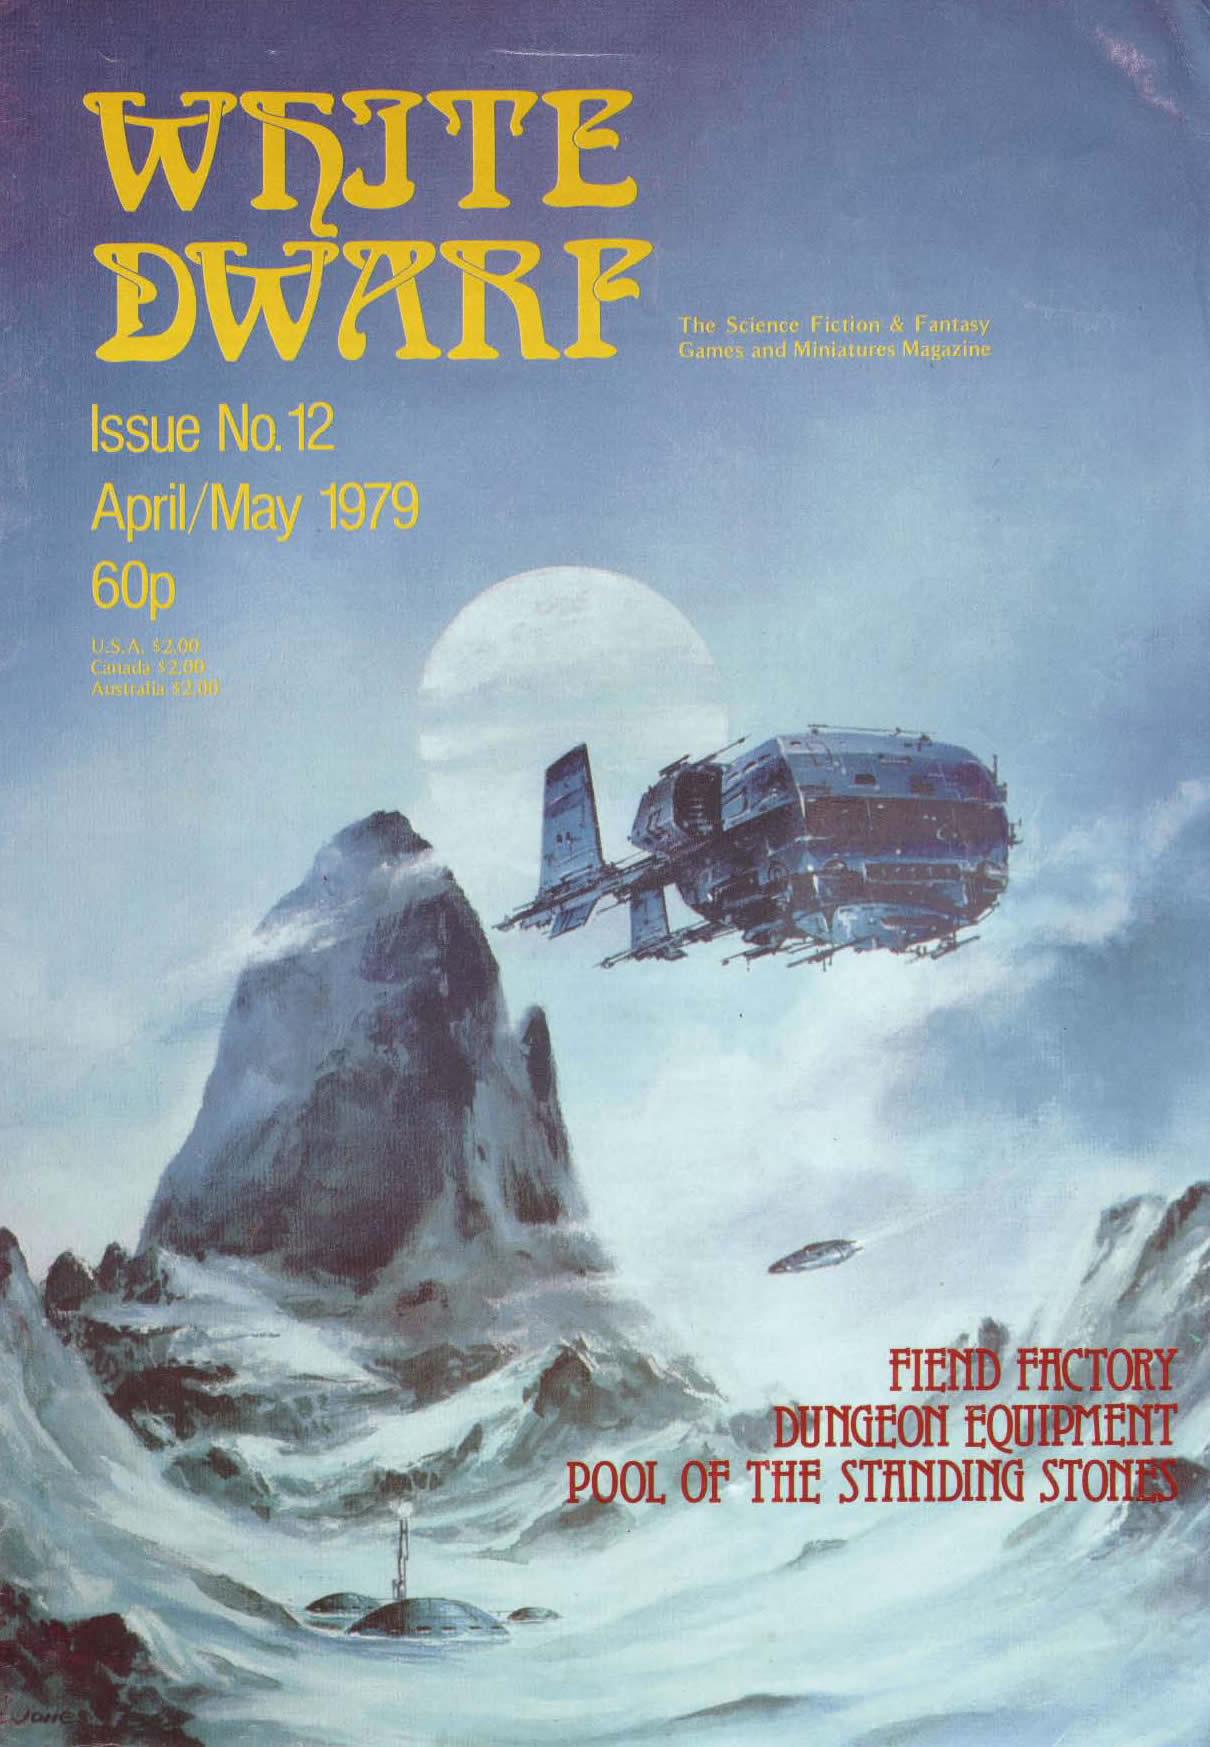 White Dwarf 12